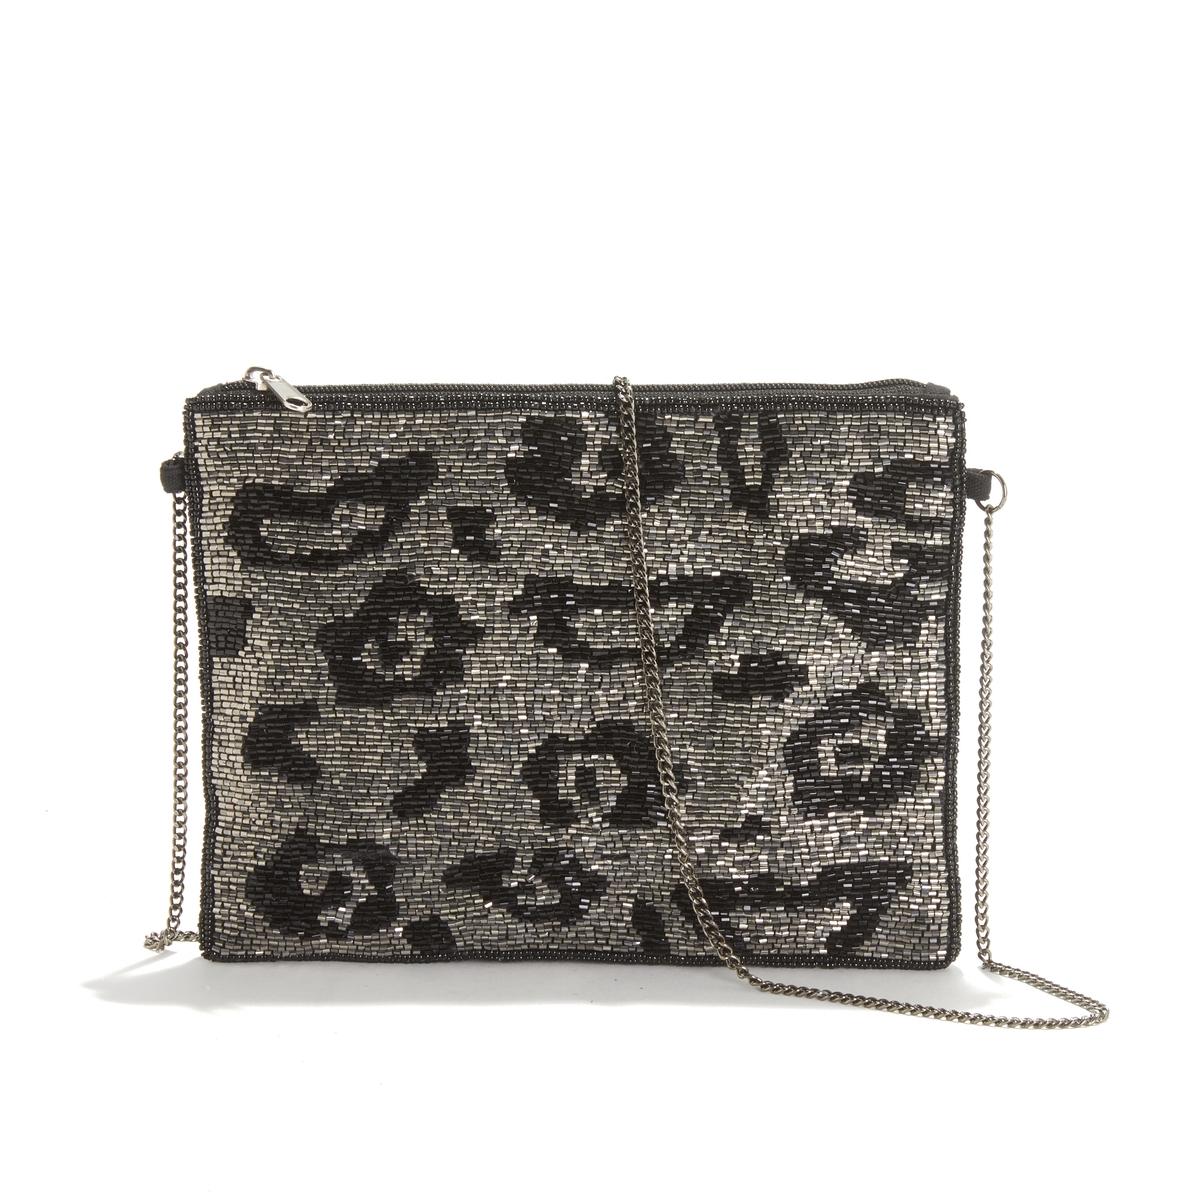 Bolso pequeño con cuentas estilo perlas